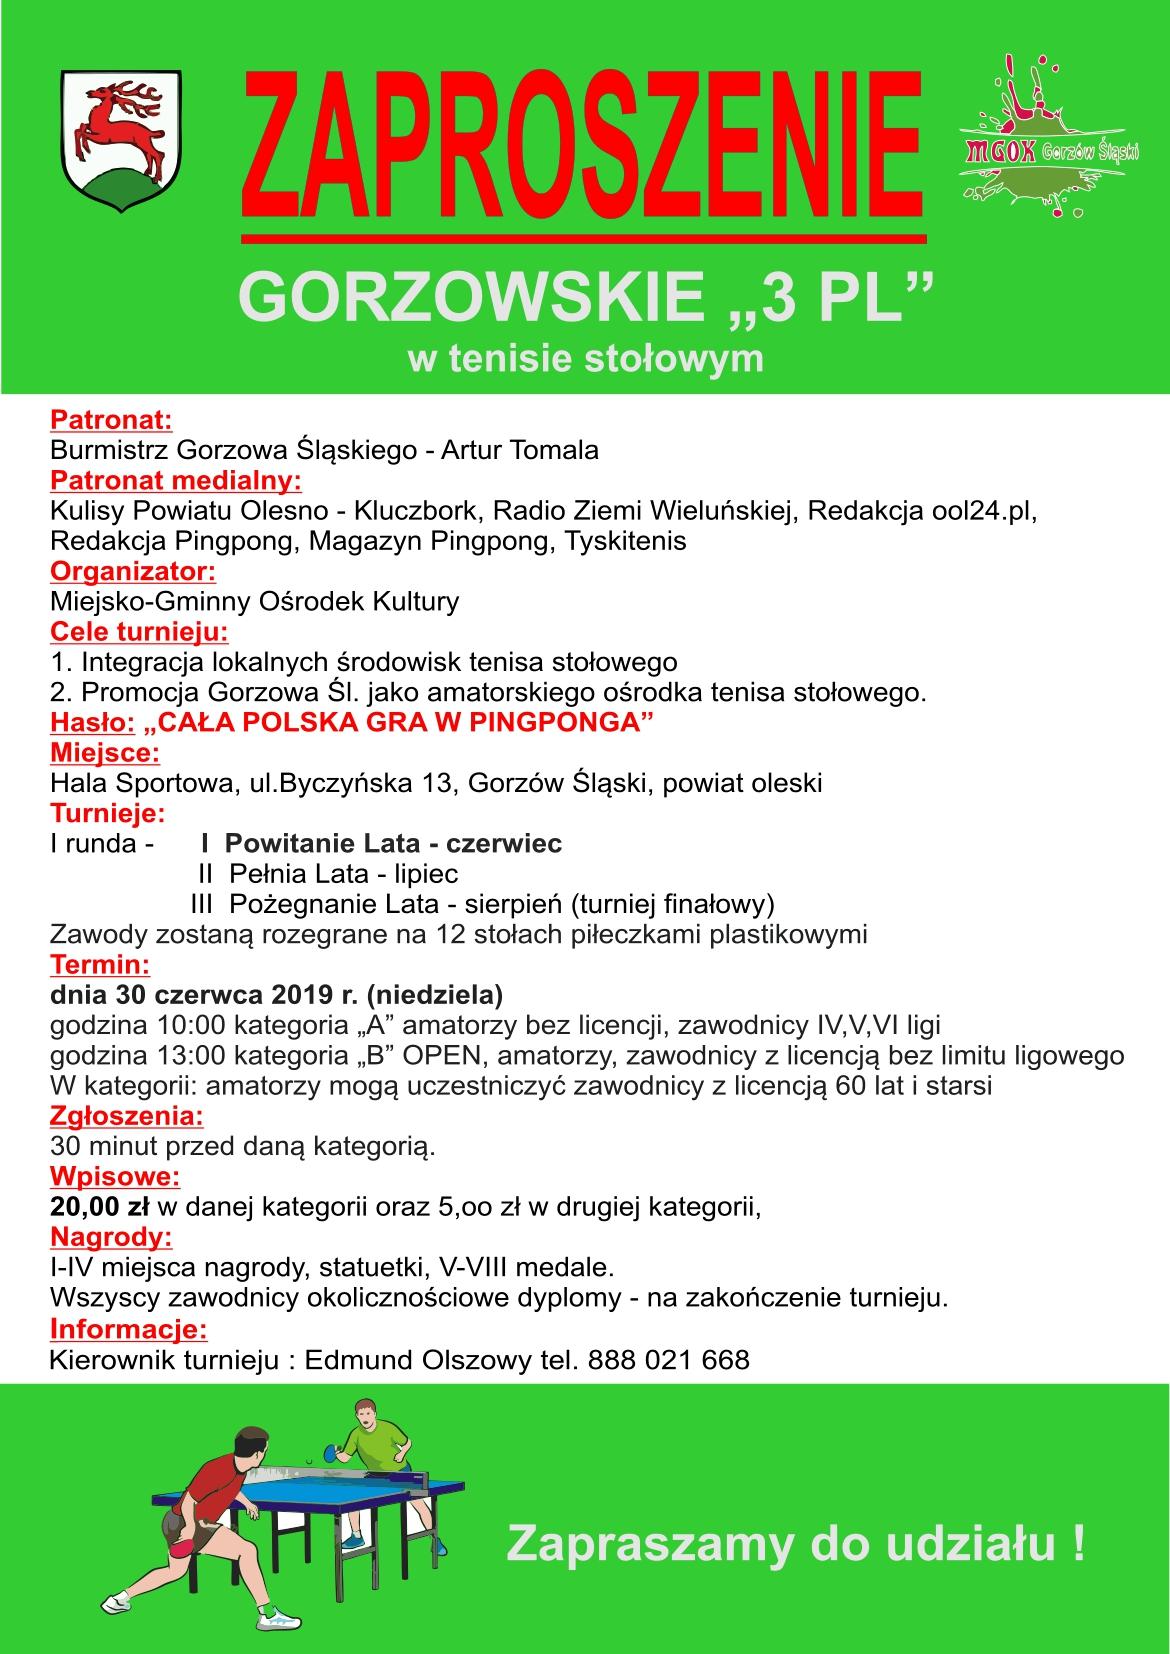 gorzowskie3pl